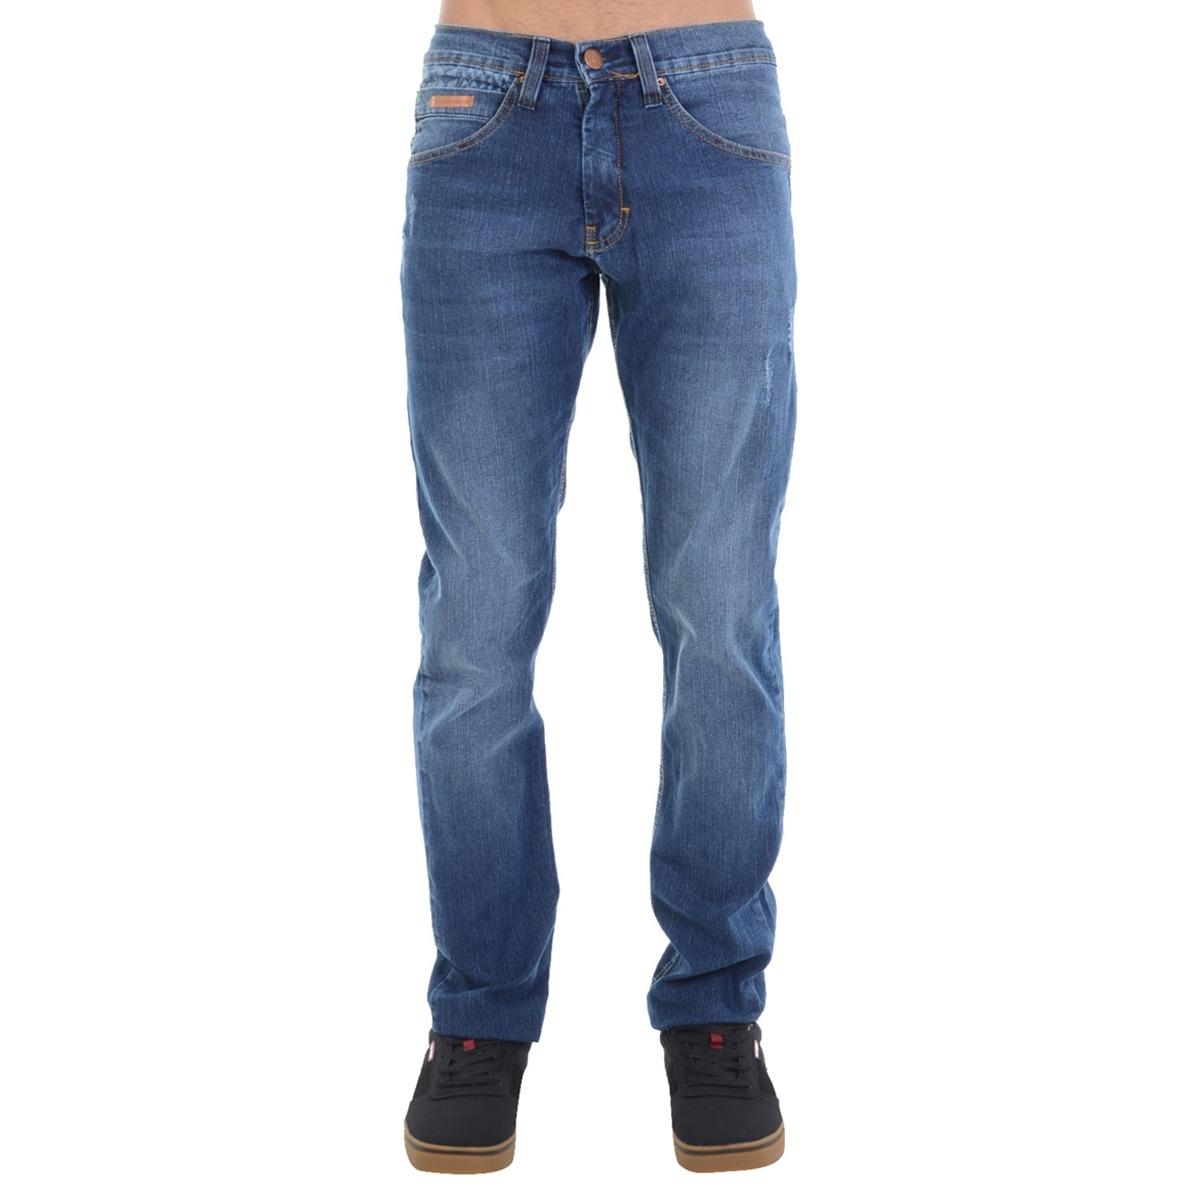 8e828863ed calça jeans hd slim fit básica azul. Carregando zoom.